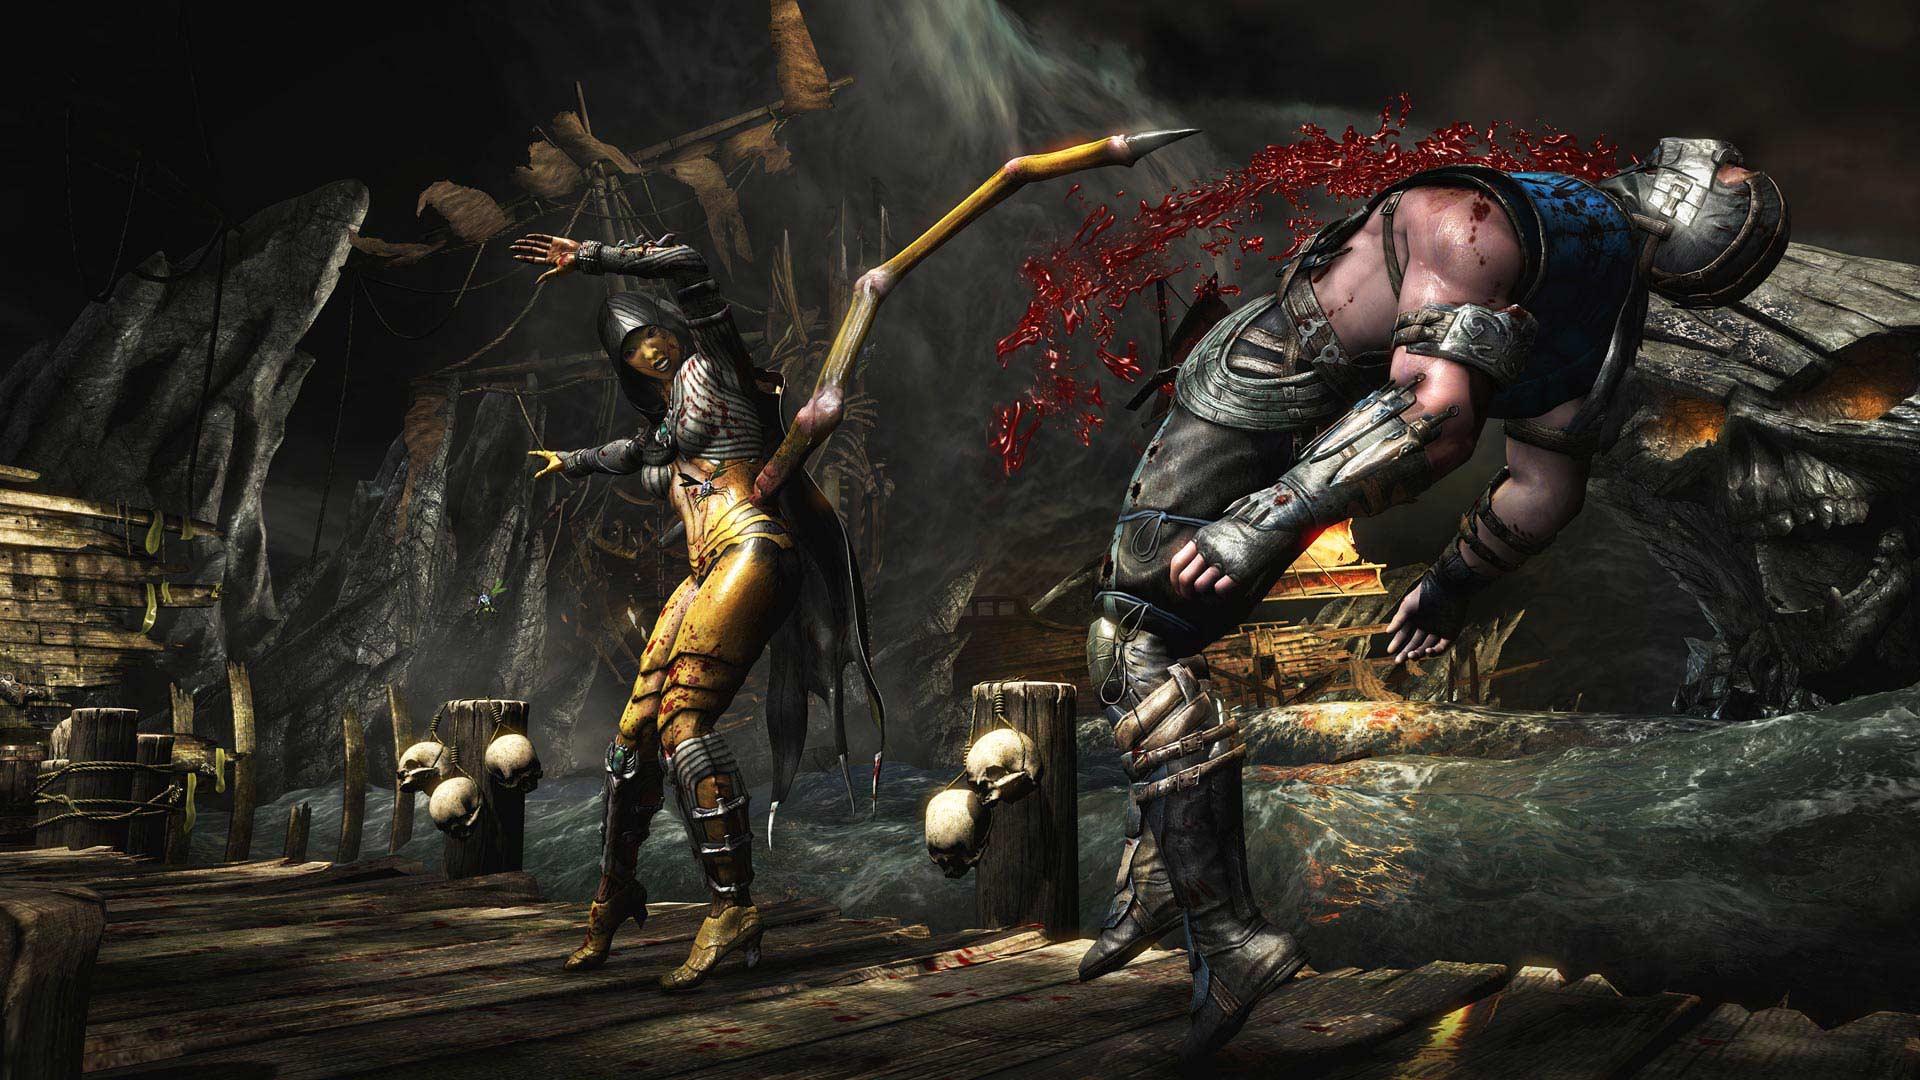 Mortal kombat звуки скачать